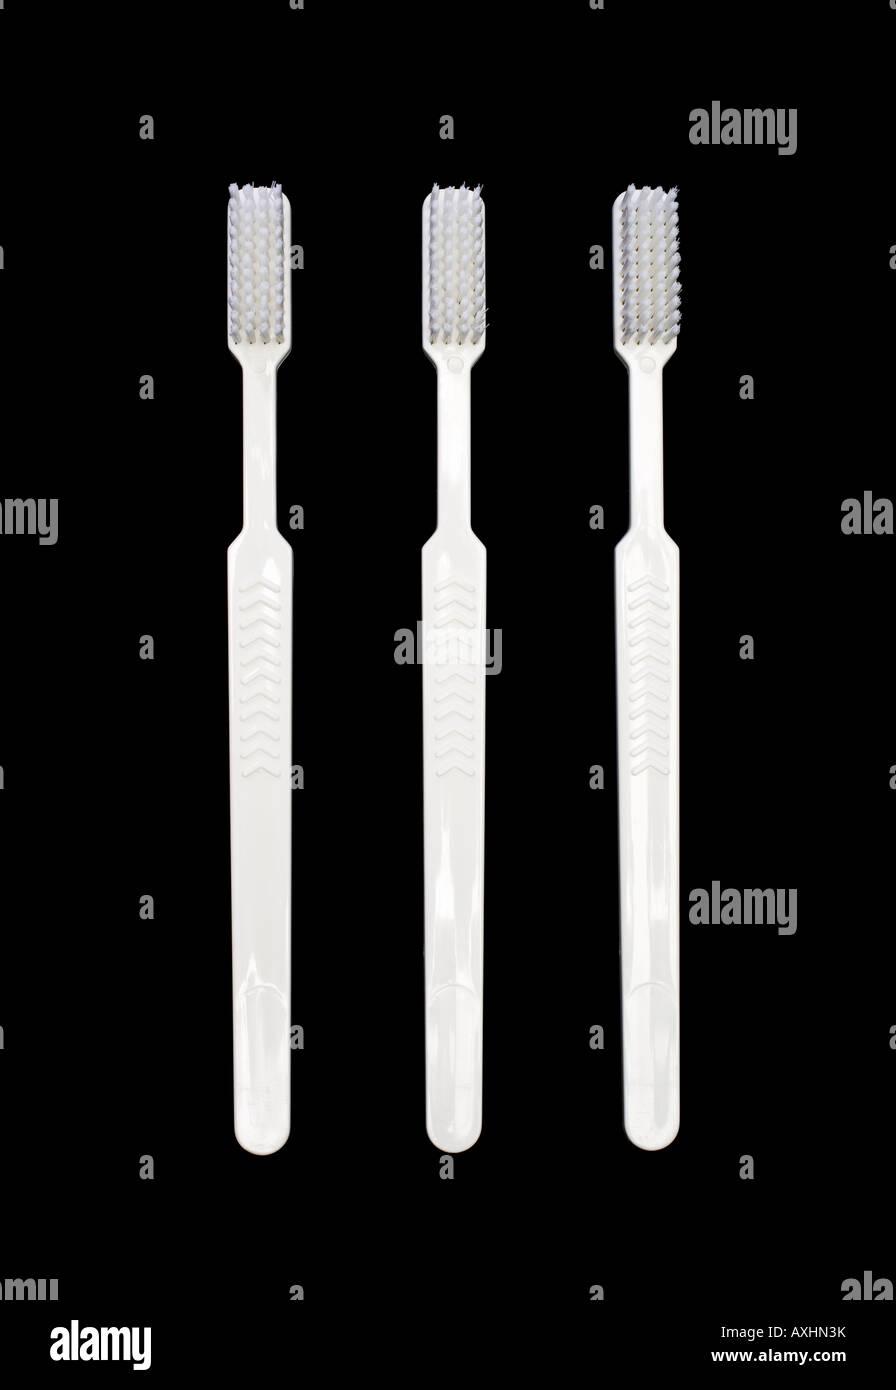 Tres cepillos de plástico blanco. Foto de stock